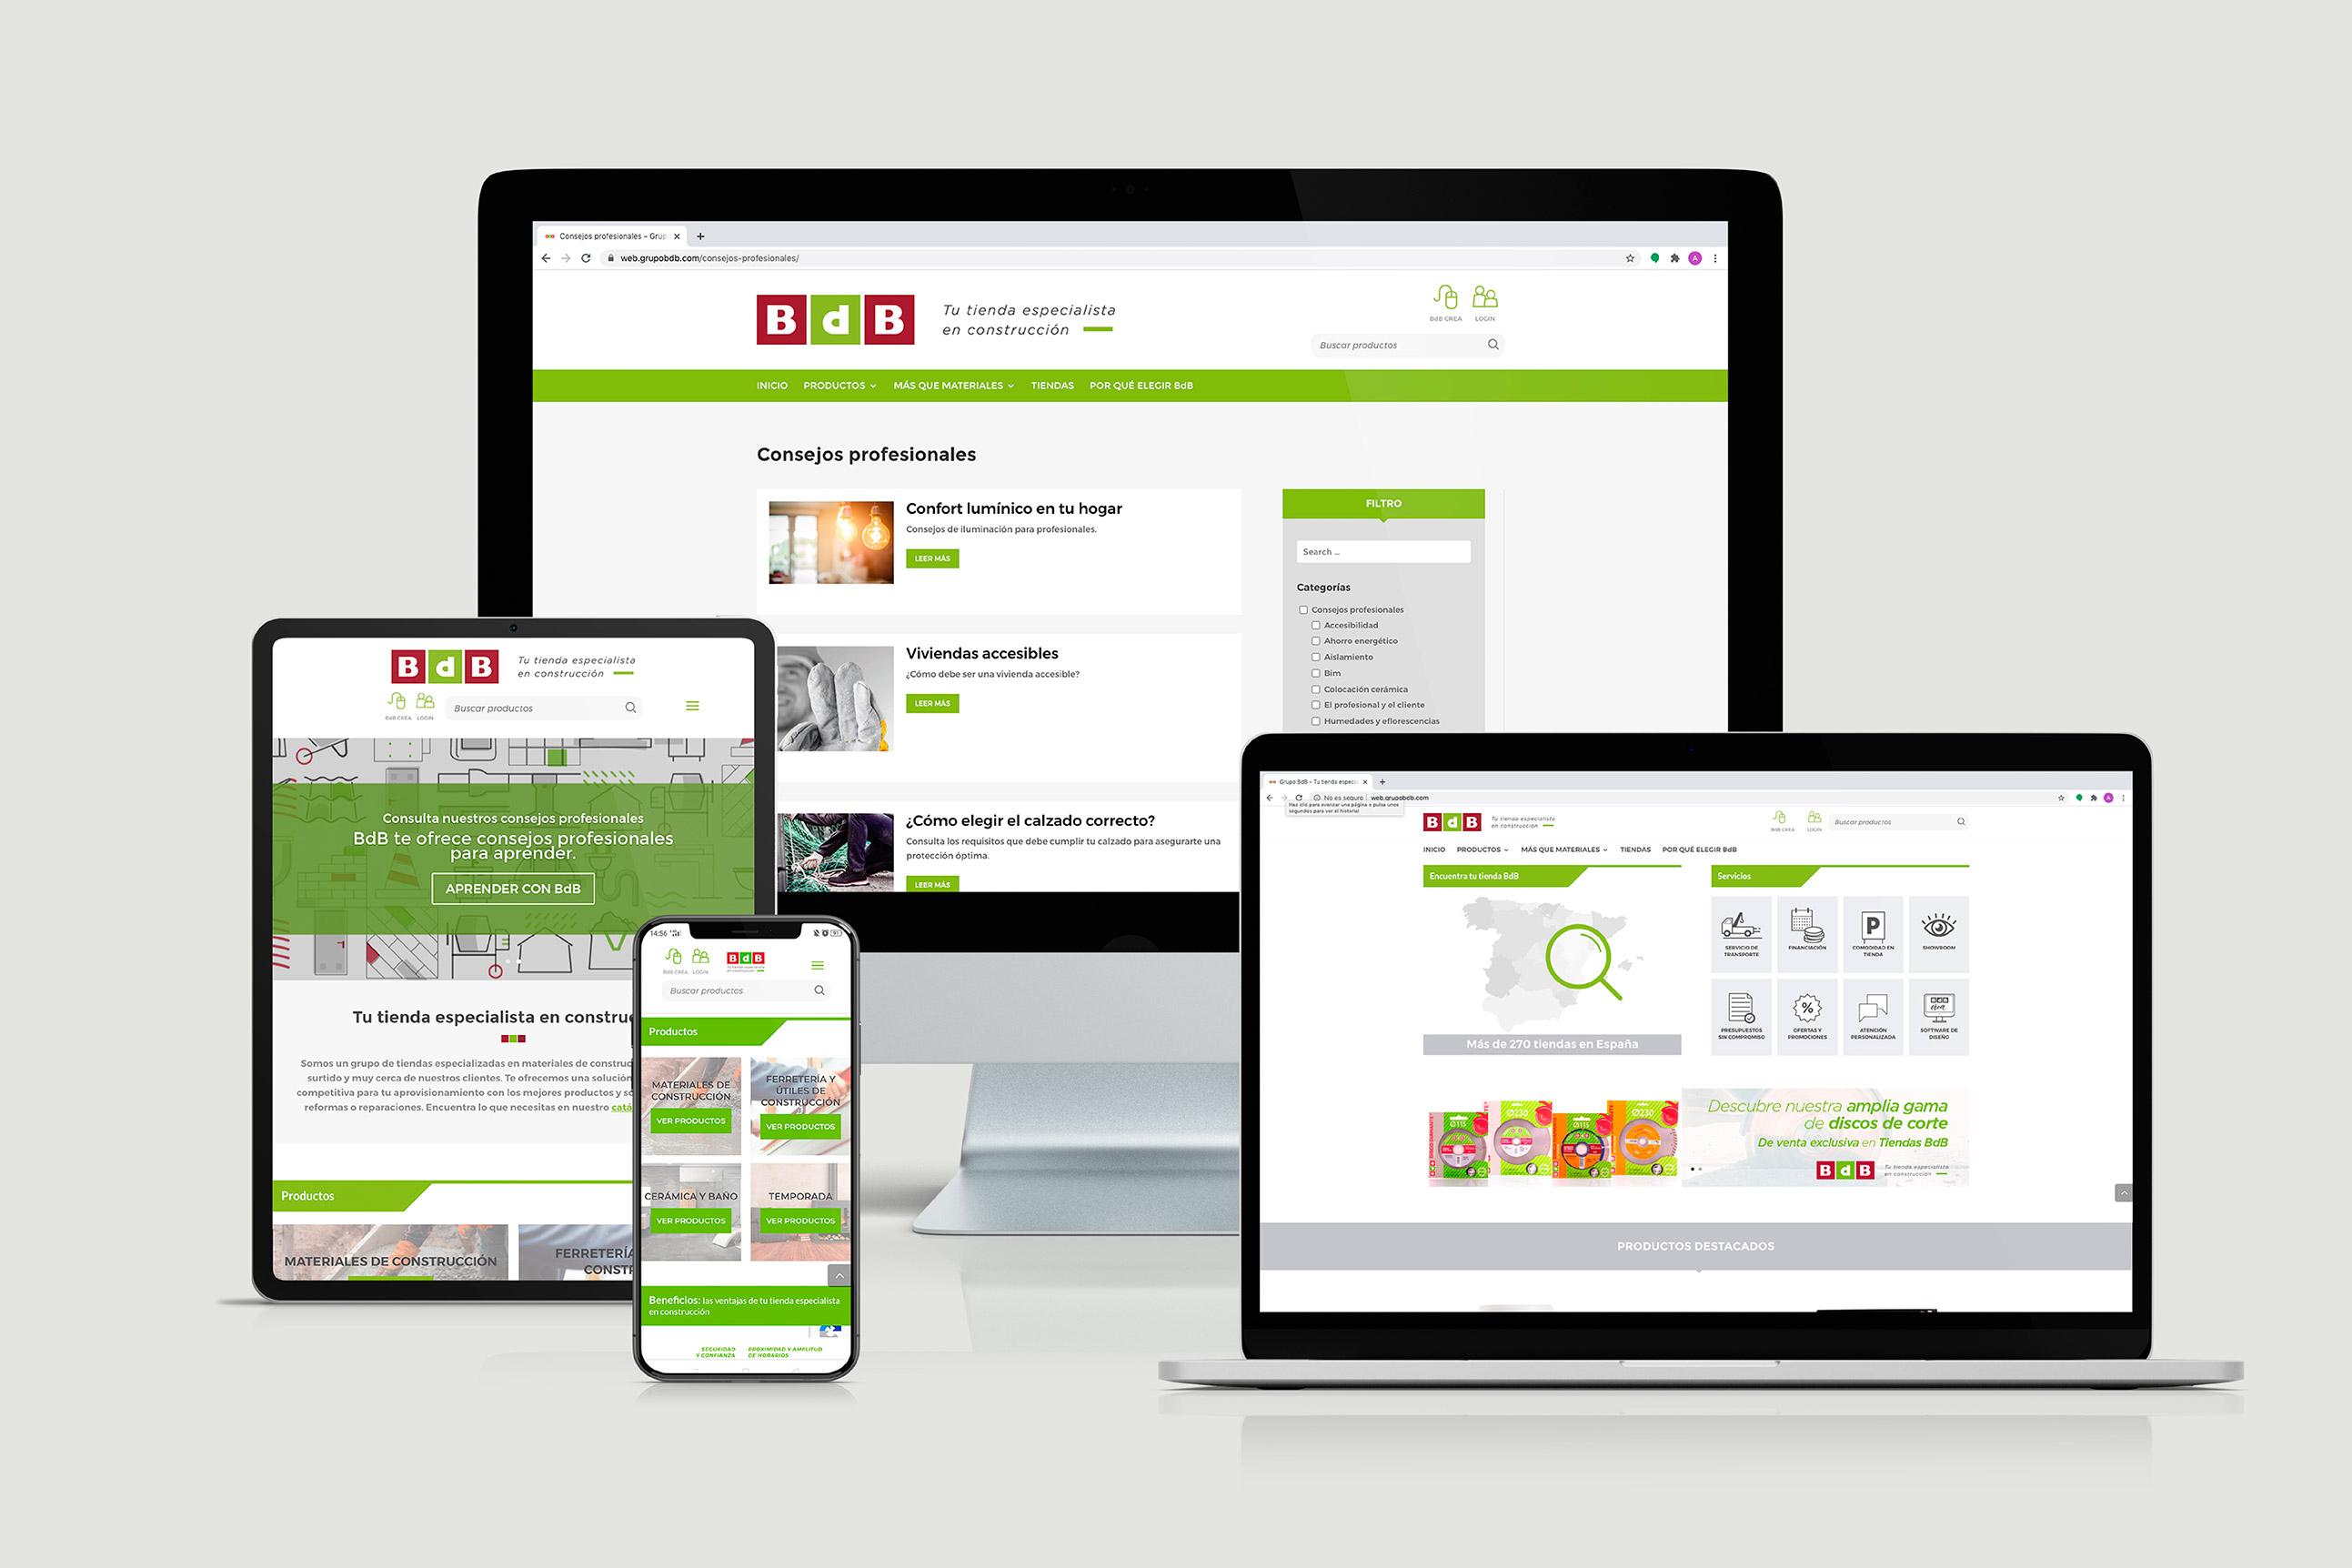 BdB-web-äbranding